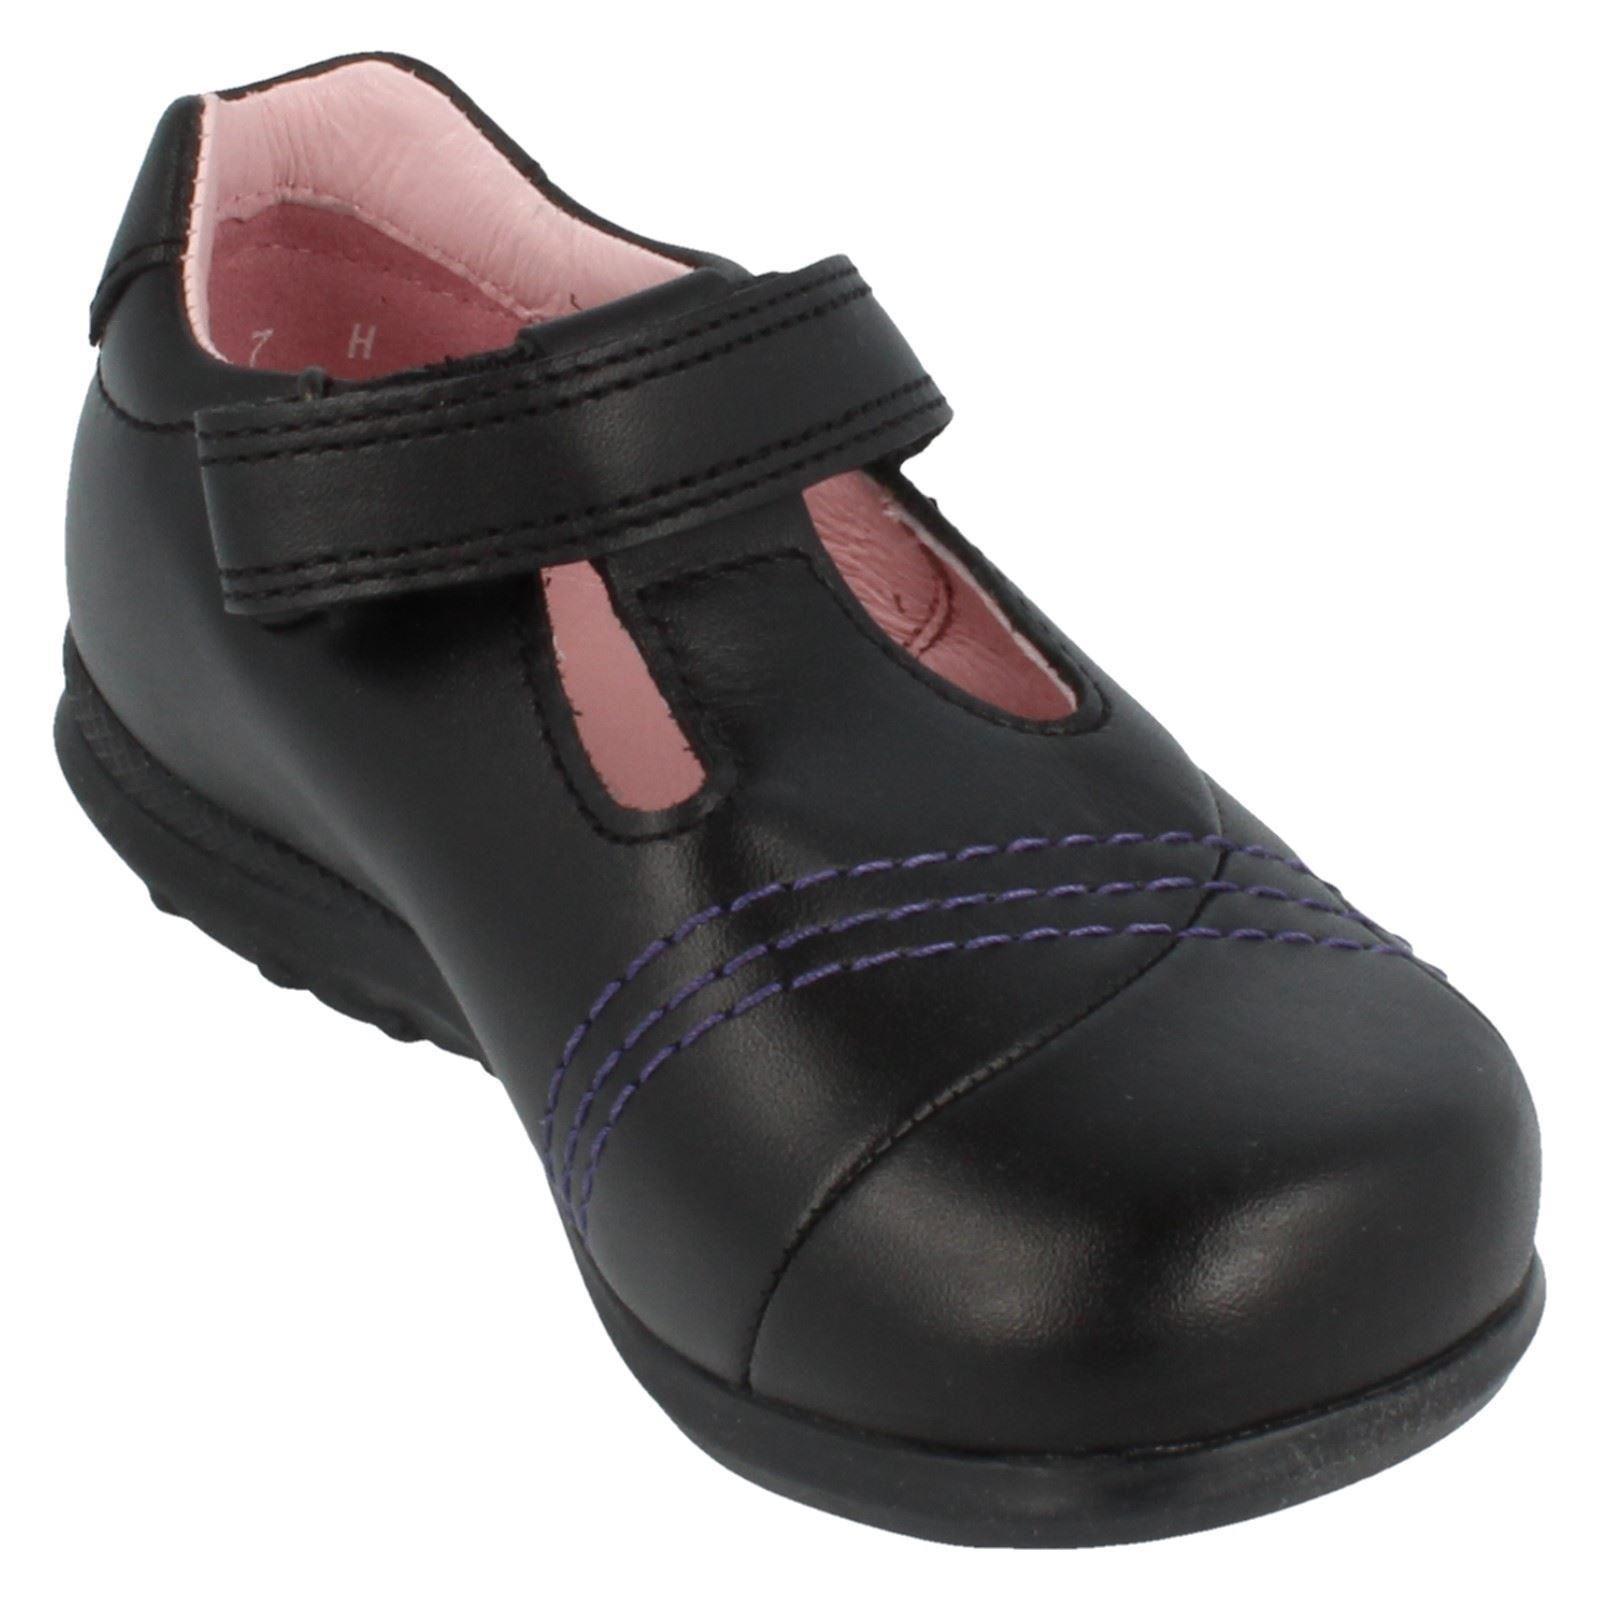 Girls Startrite Formal T-Bar Shoes Cutie II